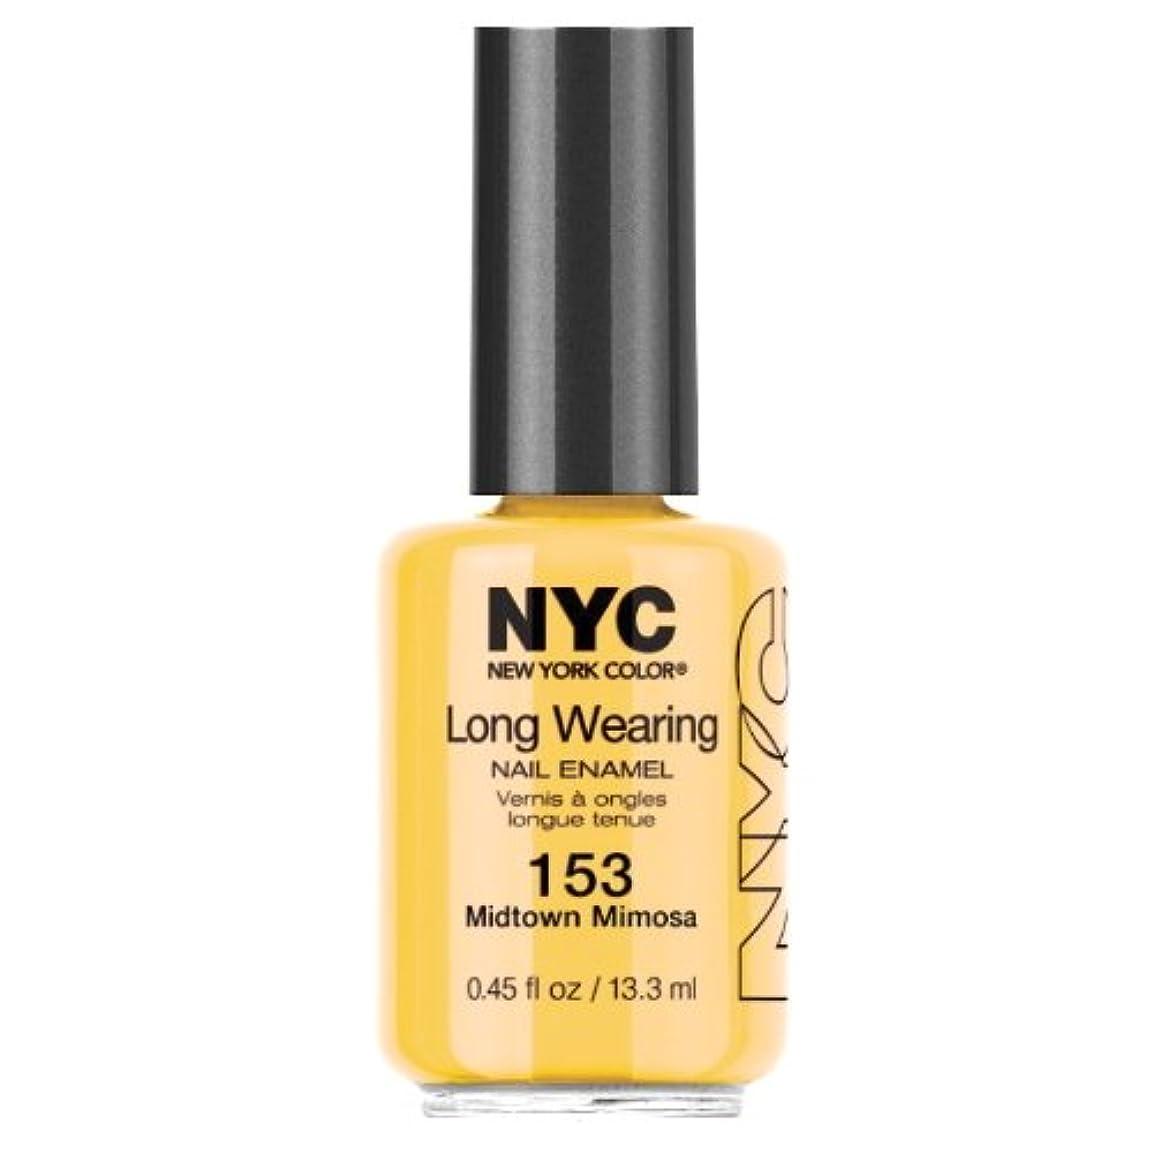 気まぐれな脱獄構成員(6 Pack) NYC Long Wearing Nail Enamel - Midtown Mimosa (並行輸入品)